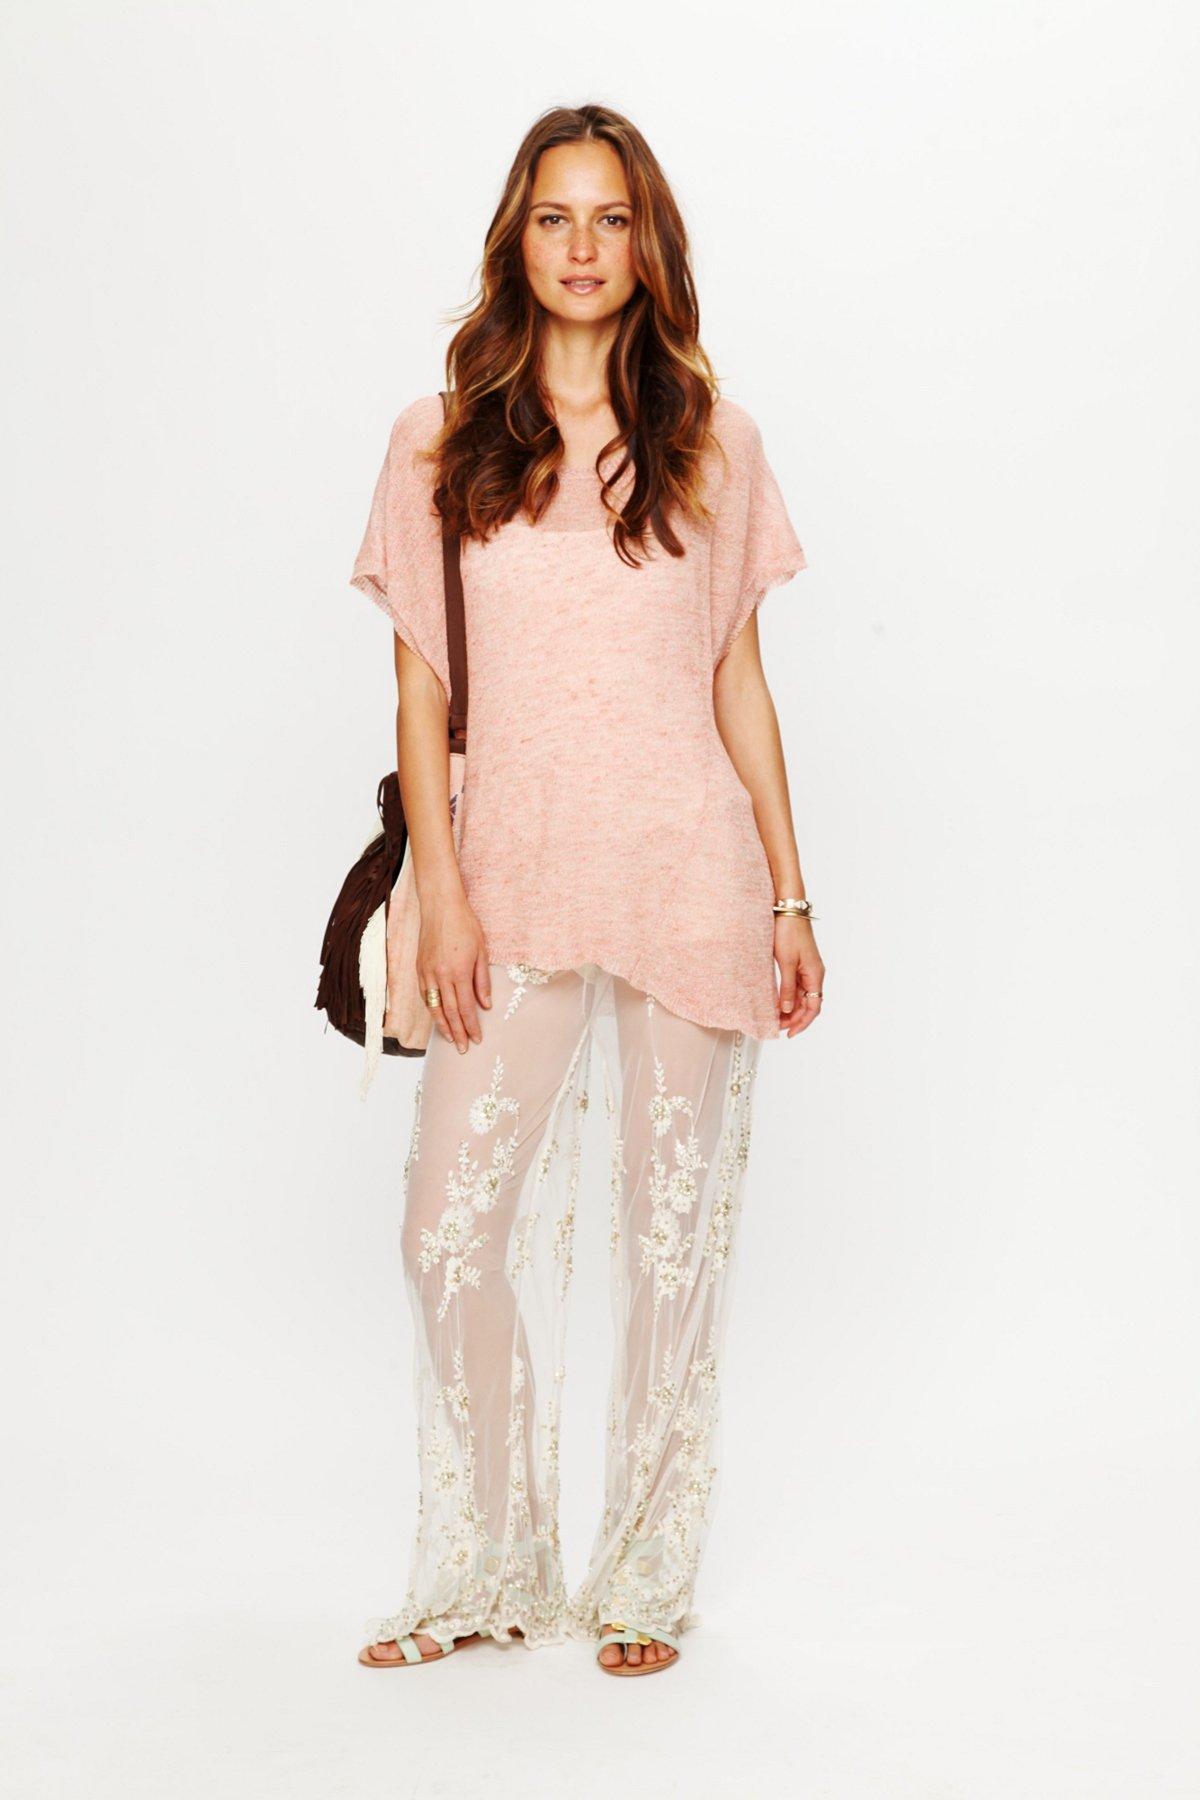 Embellished Lace Pant